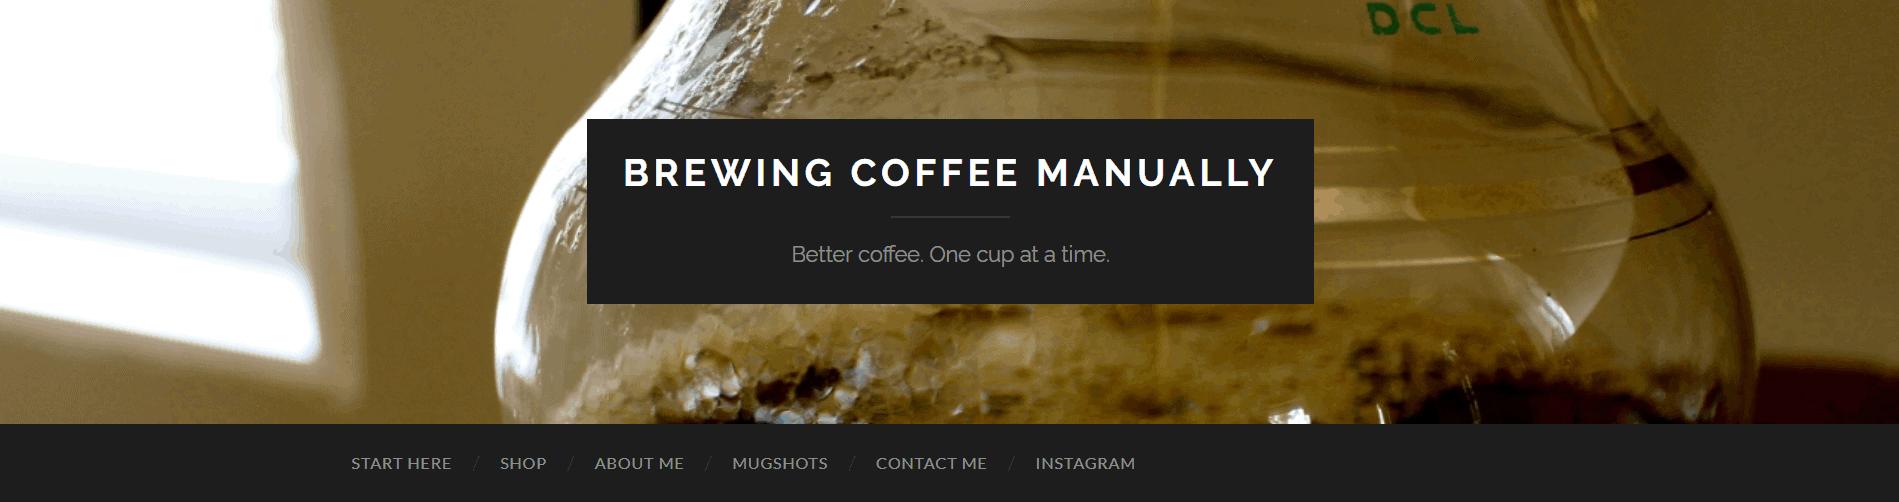 Manual Coffee Brewing